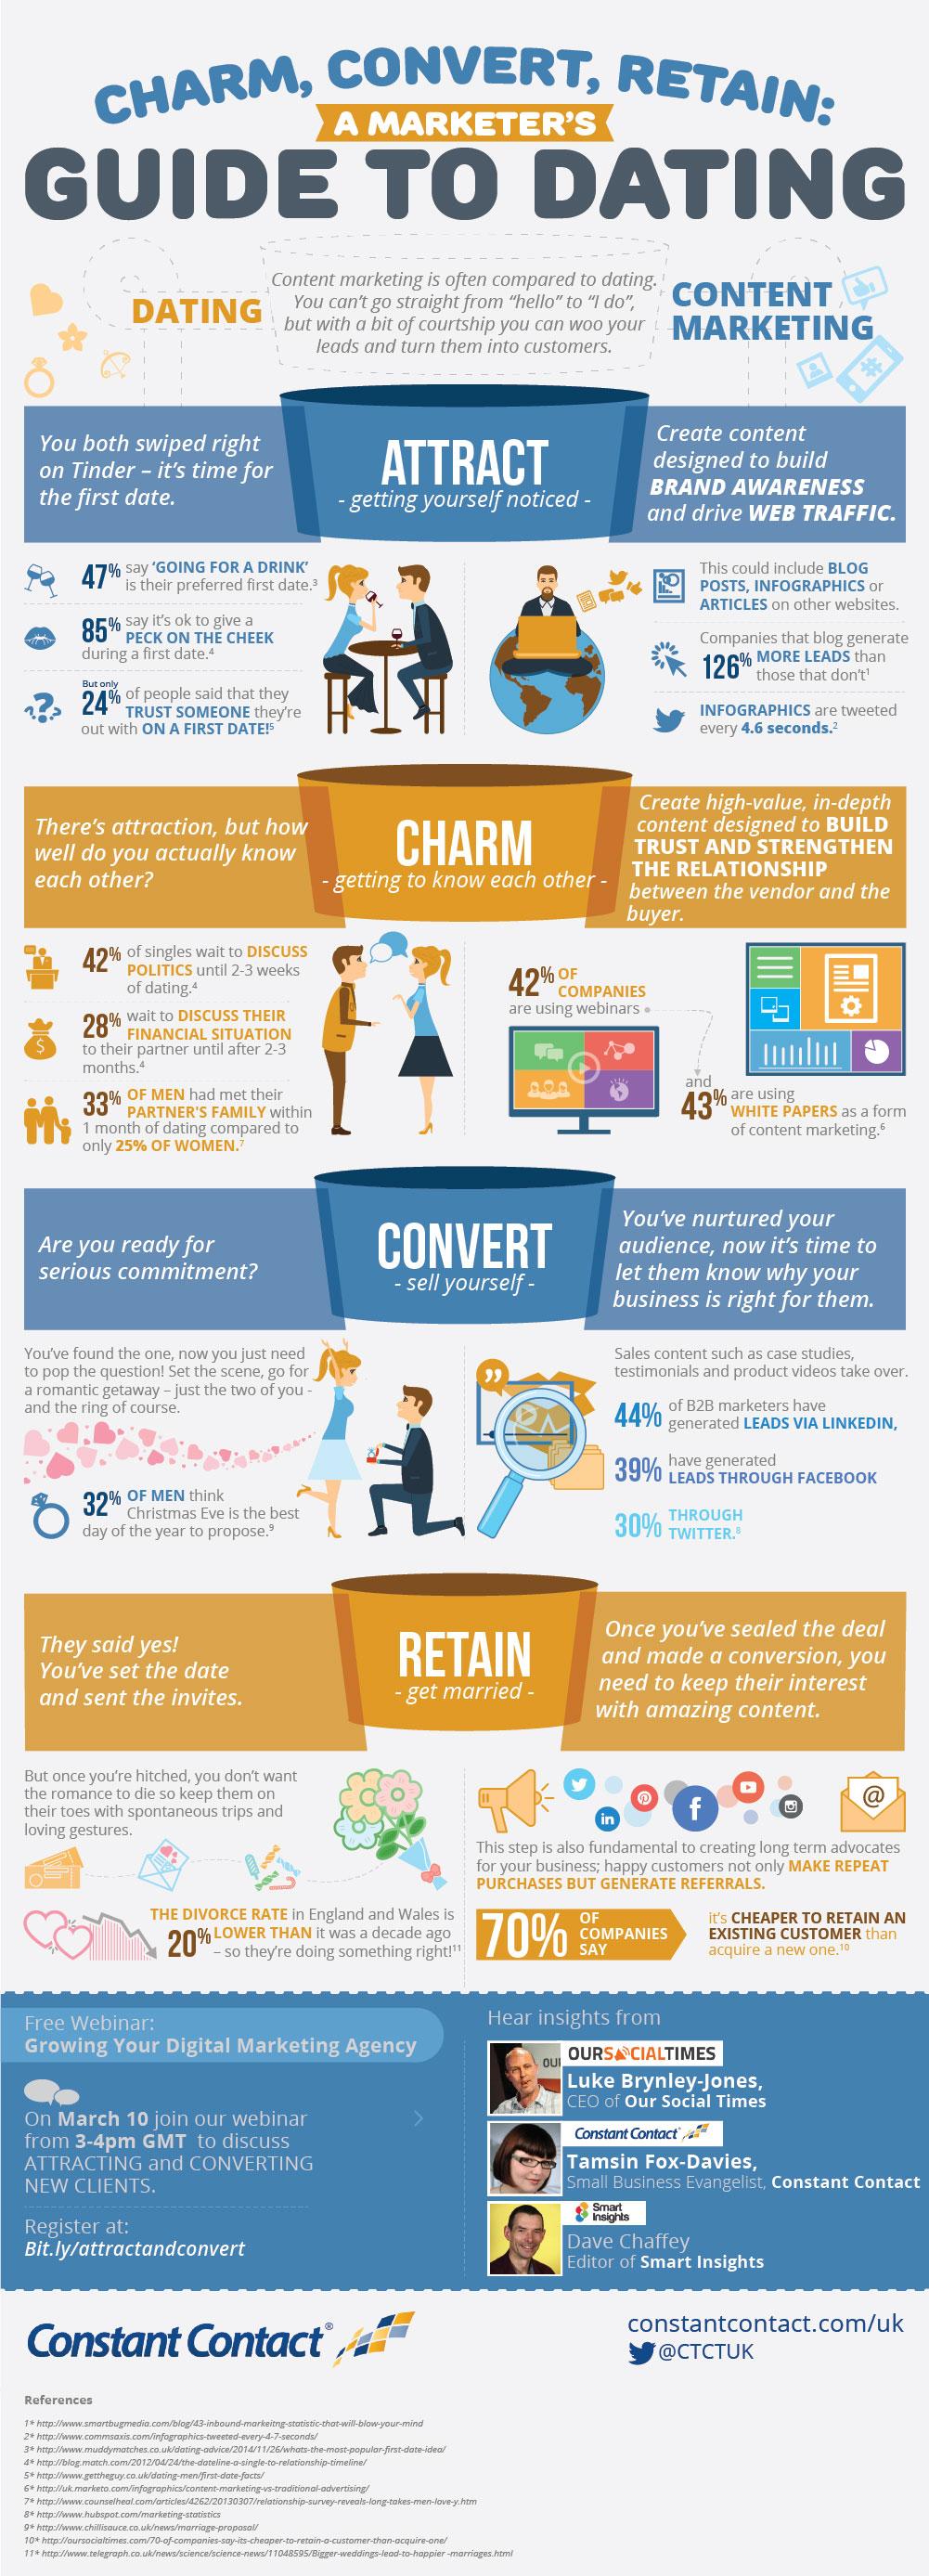 Charm, Convert, Retain: A Marketer's Guide to Dating. An Comparative Infographic Between Dating and Content Marketing. Um infográfico que dá dicas para conquistar consumidores com Marketing de Conteúdo.